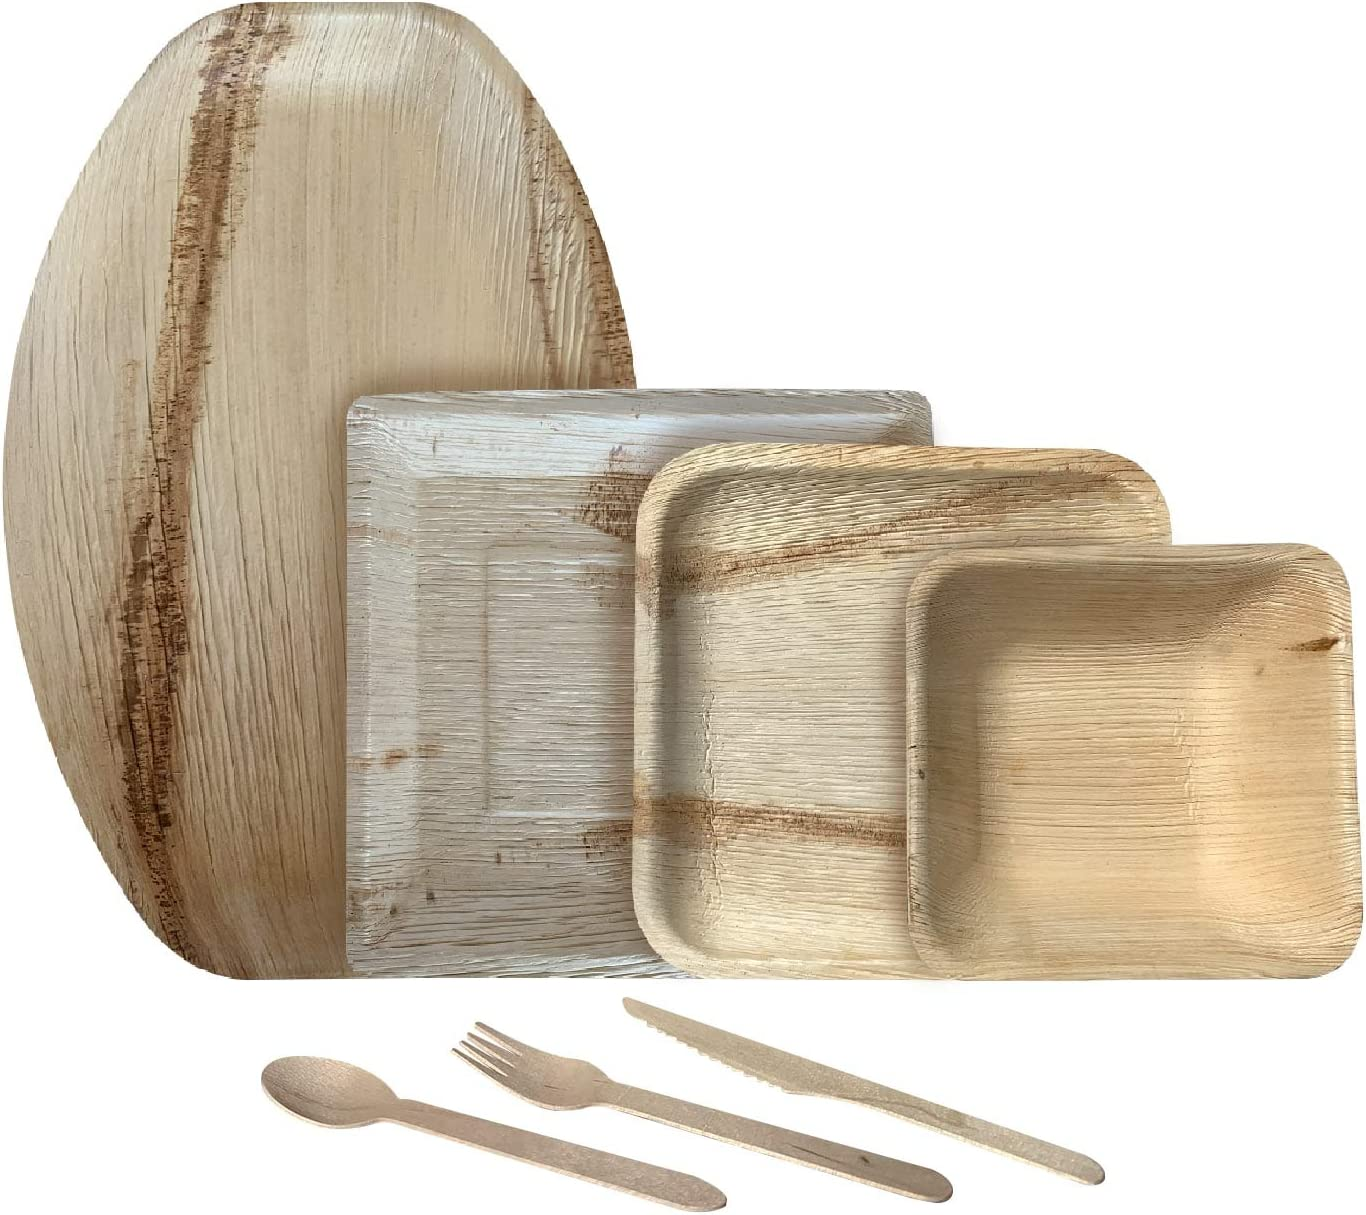 公式通販 Bio Mart - Areca Palm Leaf and 8-Inch Dinnerware Square 春の新作シューズ満載 with Set